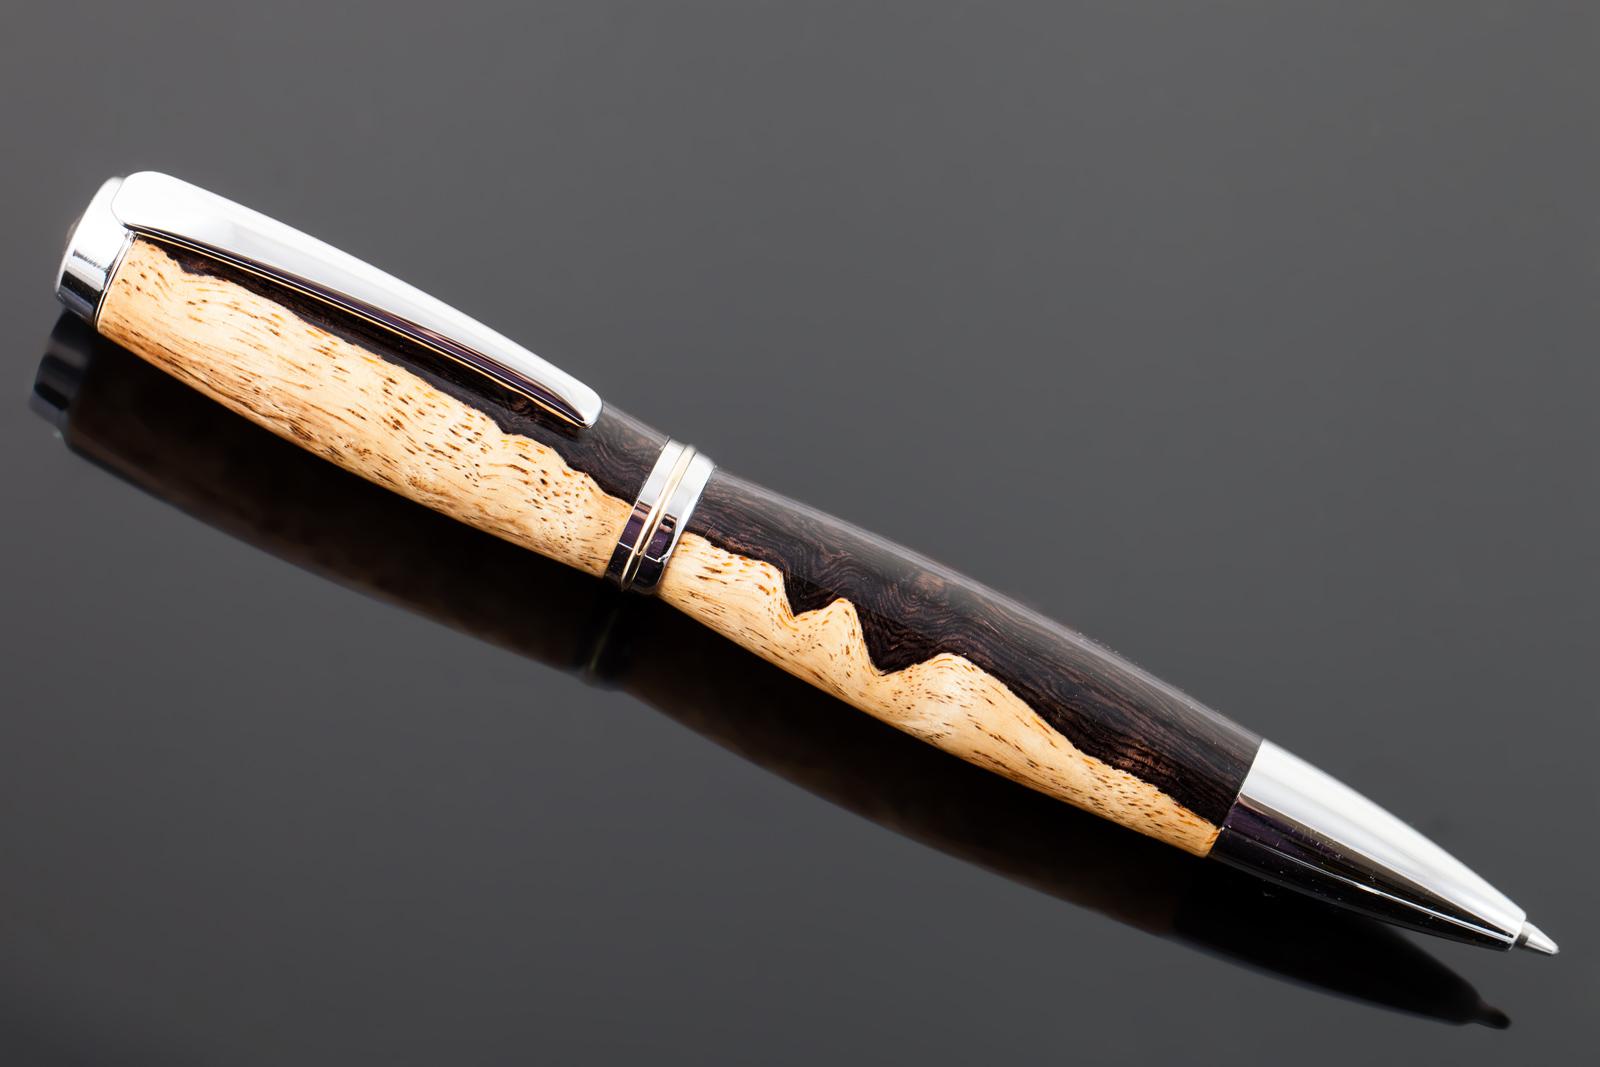 Gentlemen-Kugelschreiber-Füllfederhalter-Grenadill-006